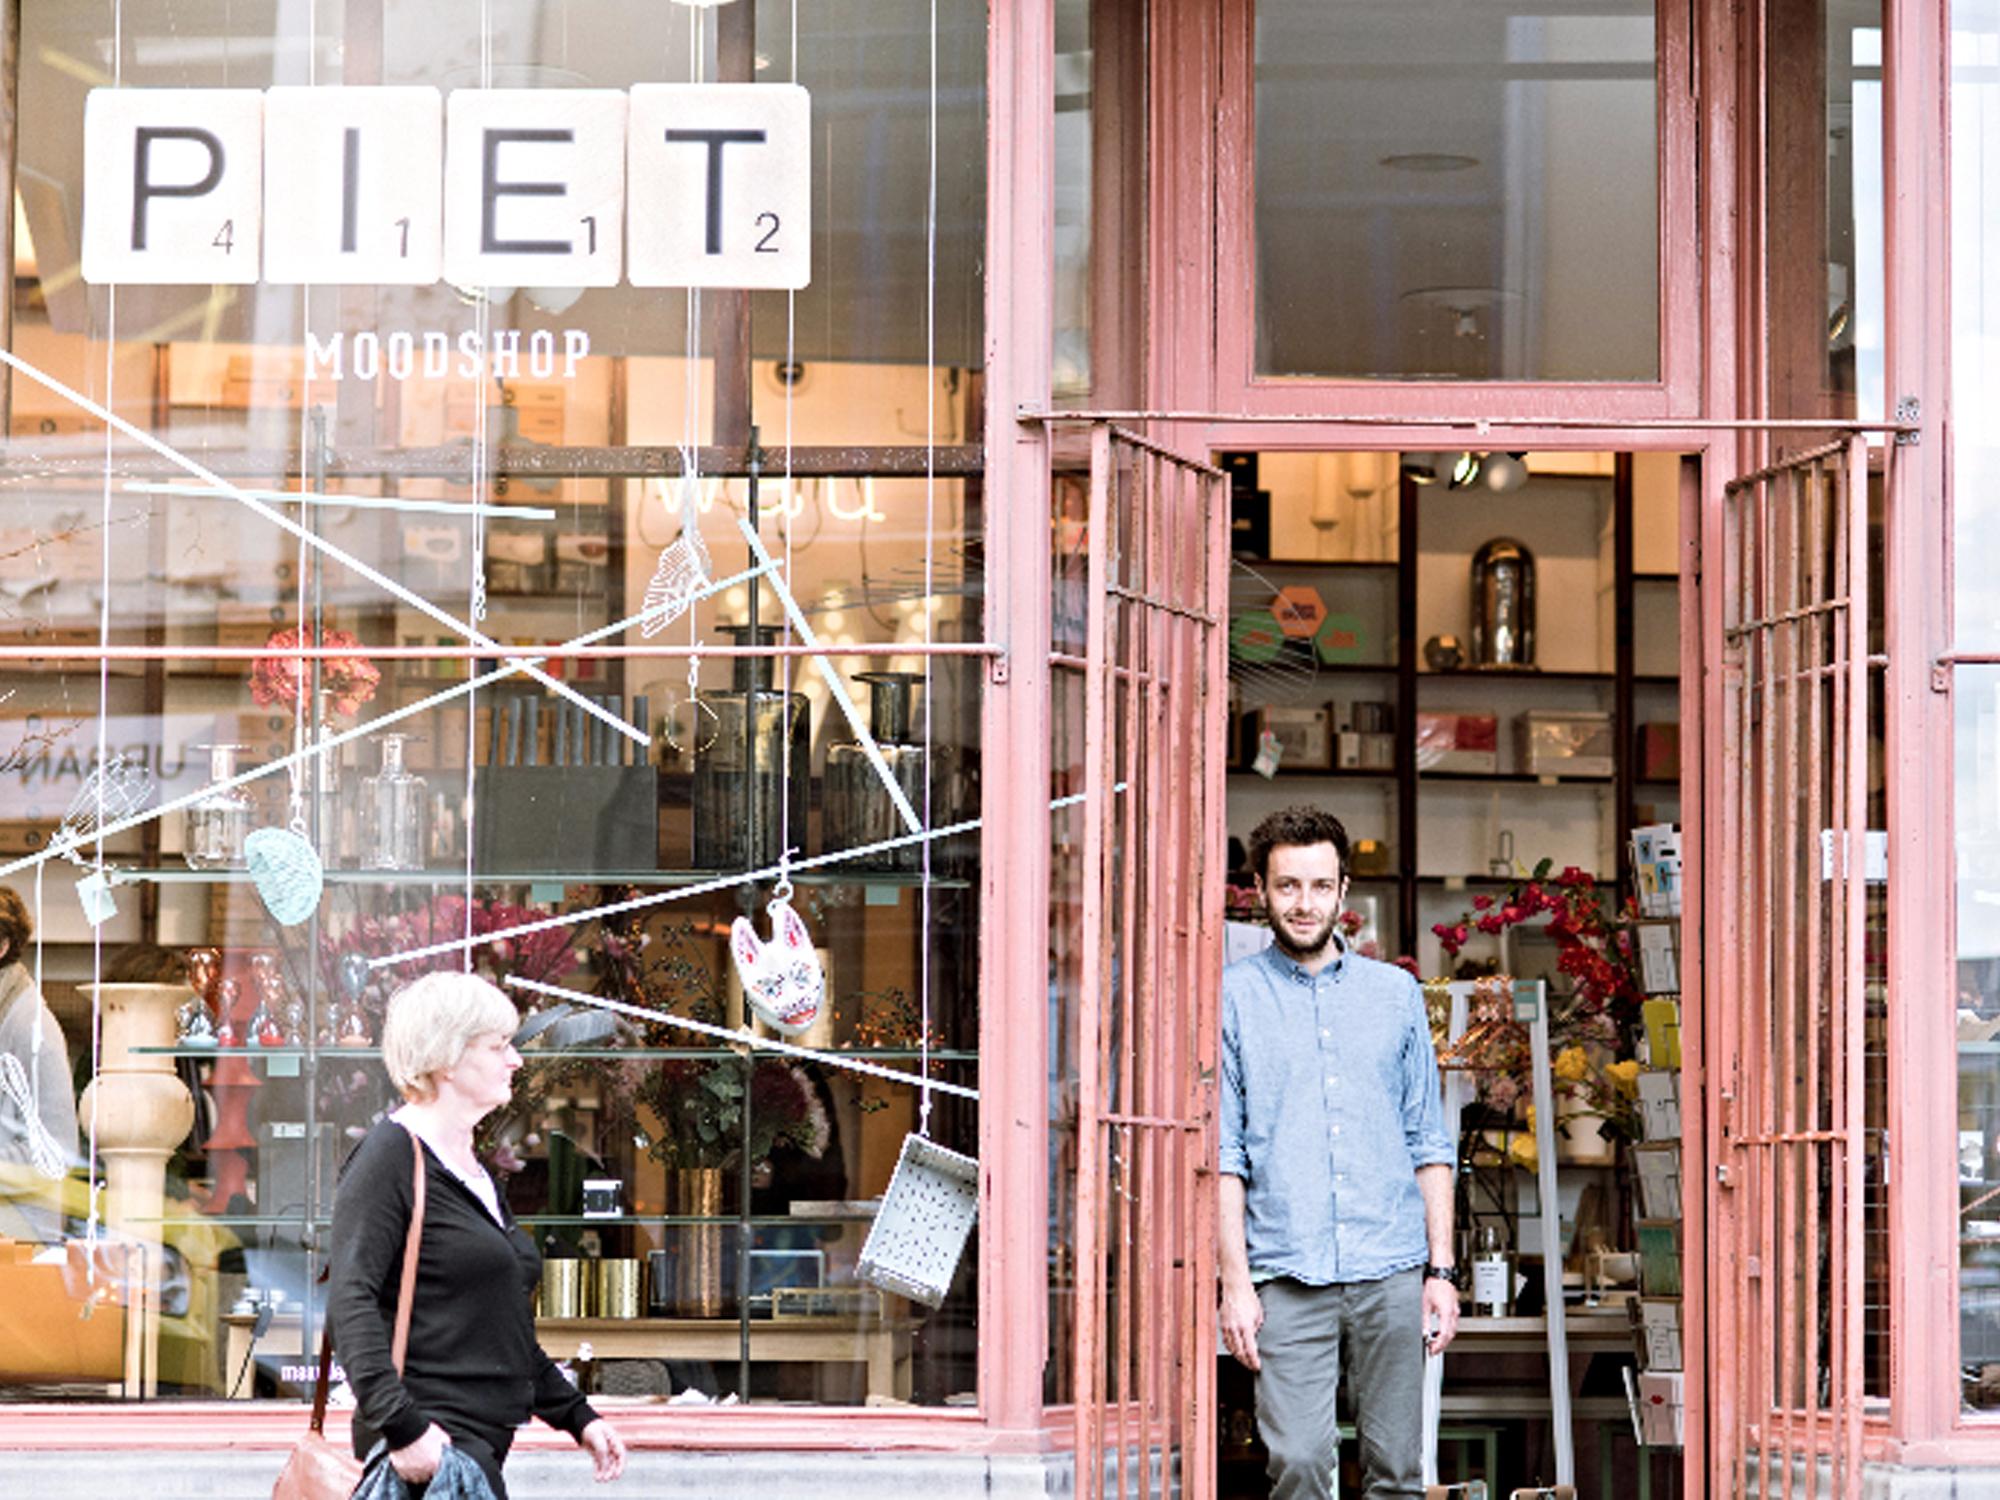 Piet moodshop in gent verjaart en schenkt een restyling for Interieur winkel gent